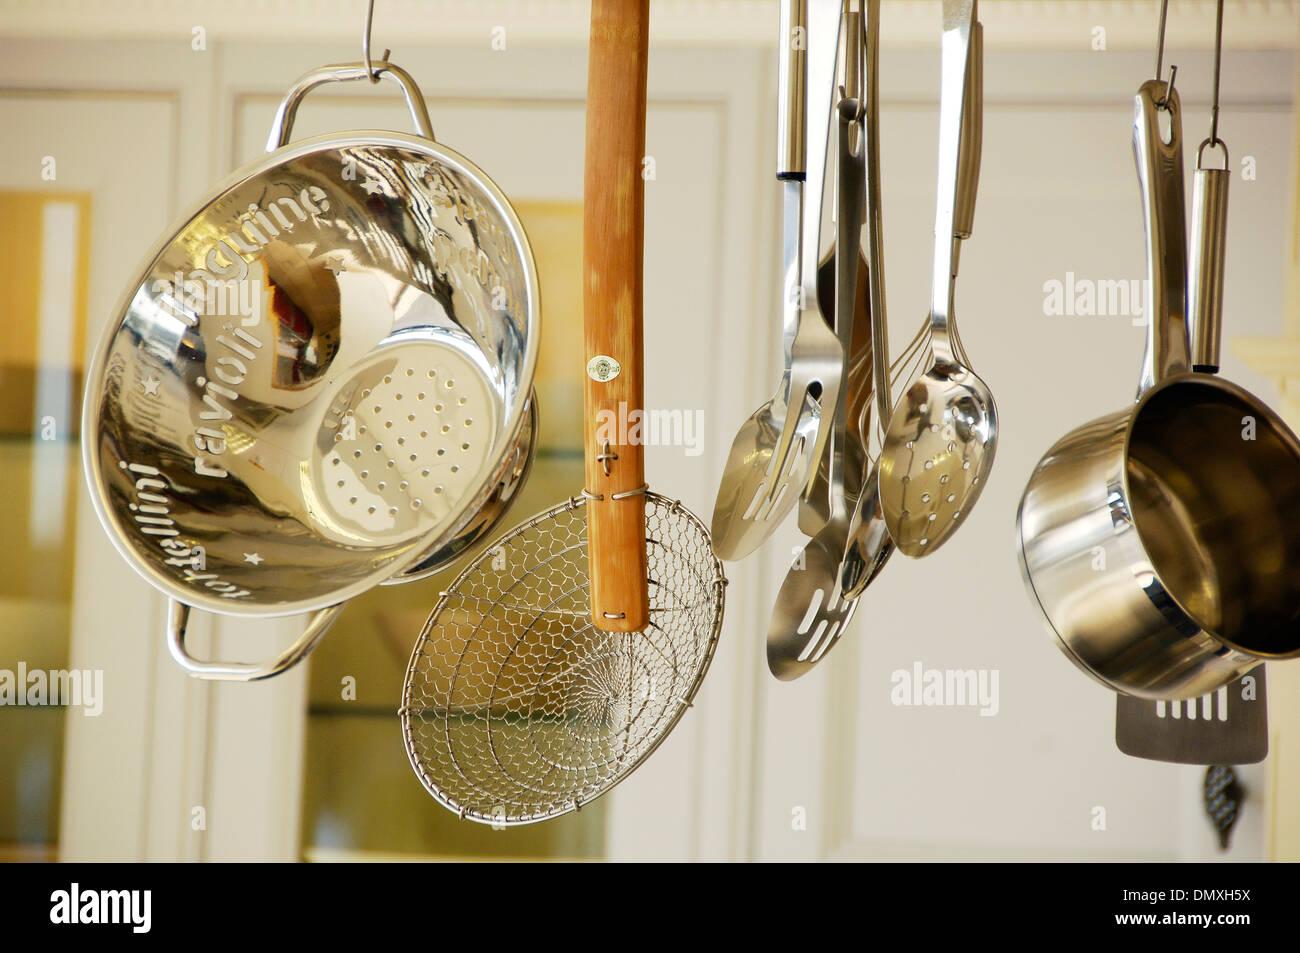 Küchenutensilien, die in einer modernen Küche aufhängen Stockfoto ...